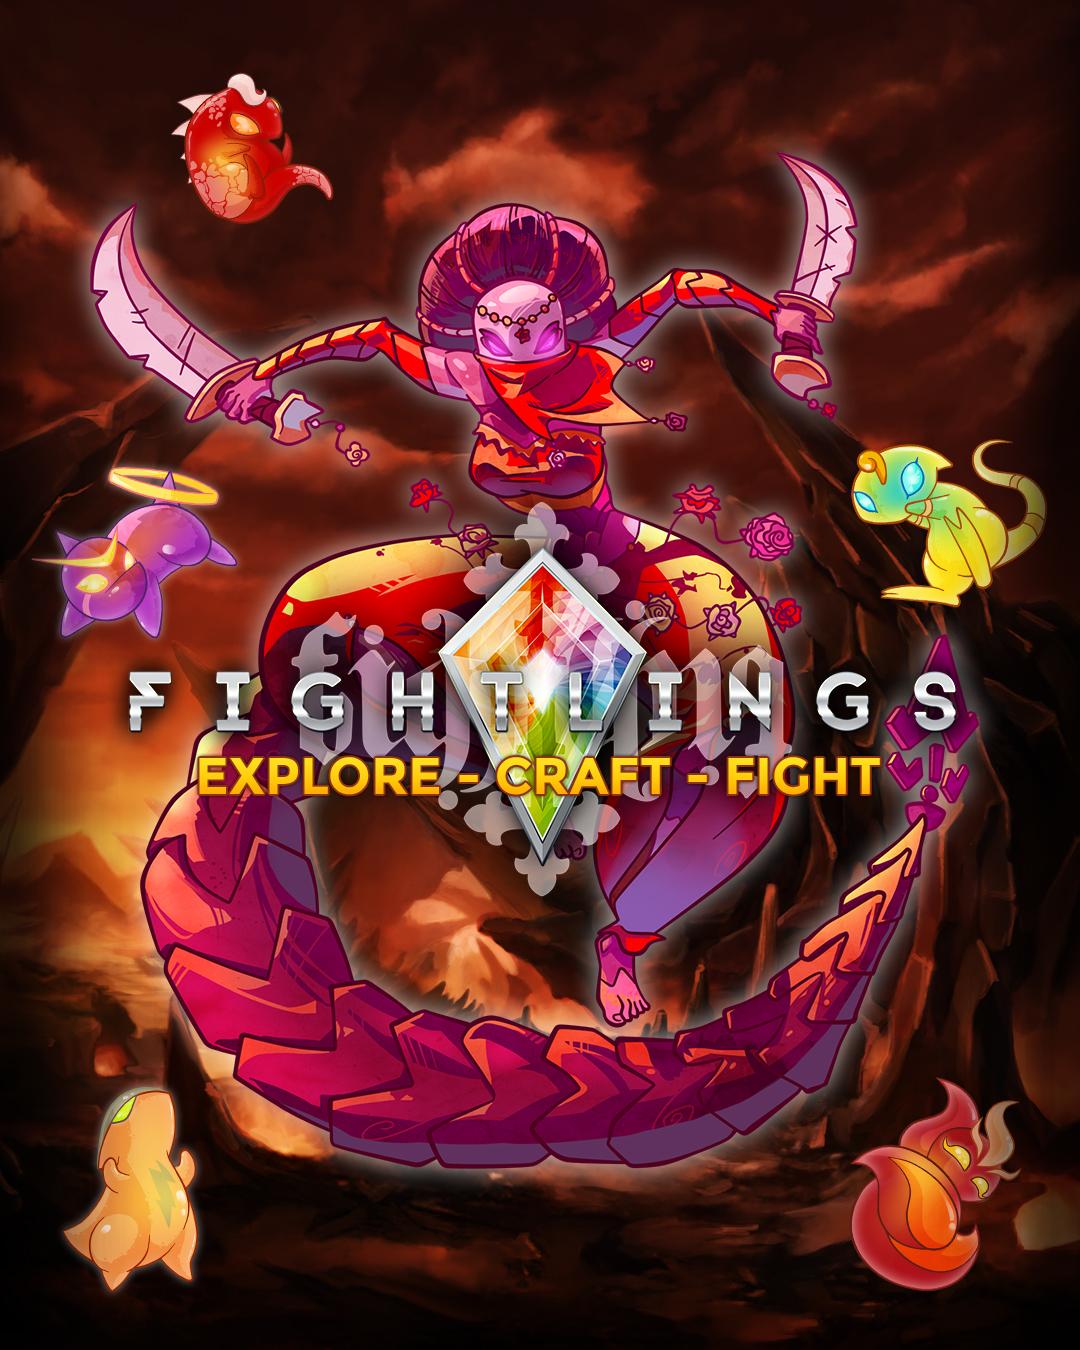 Huawei_Fightlings_immersive_1080.jpg